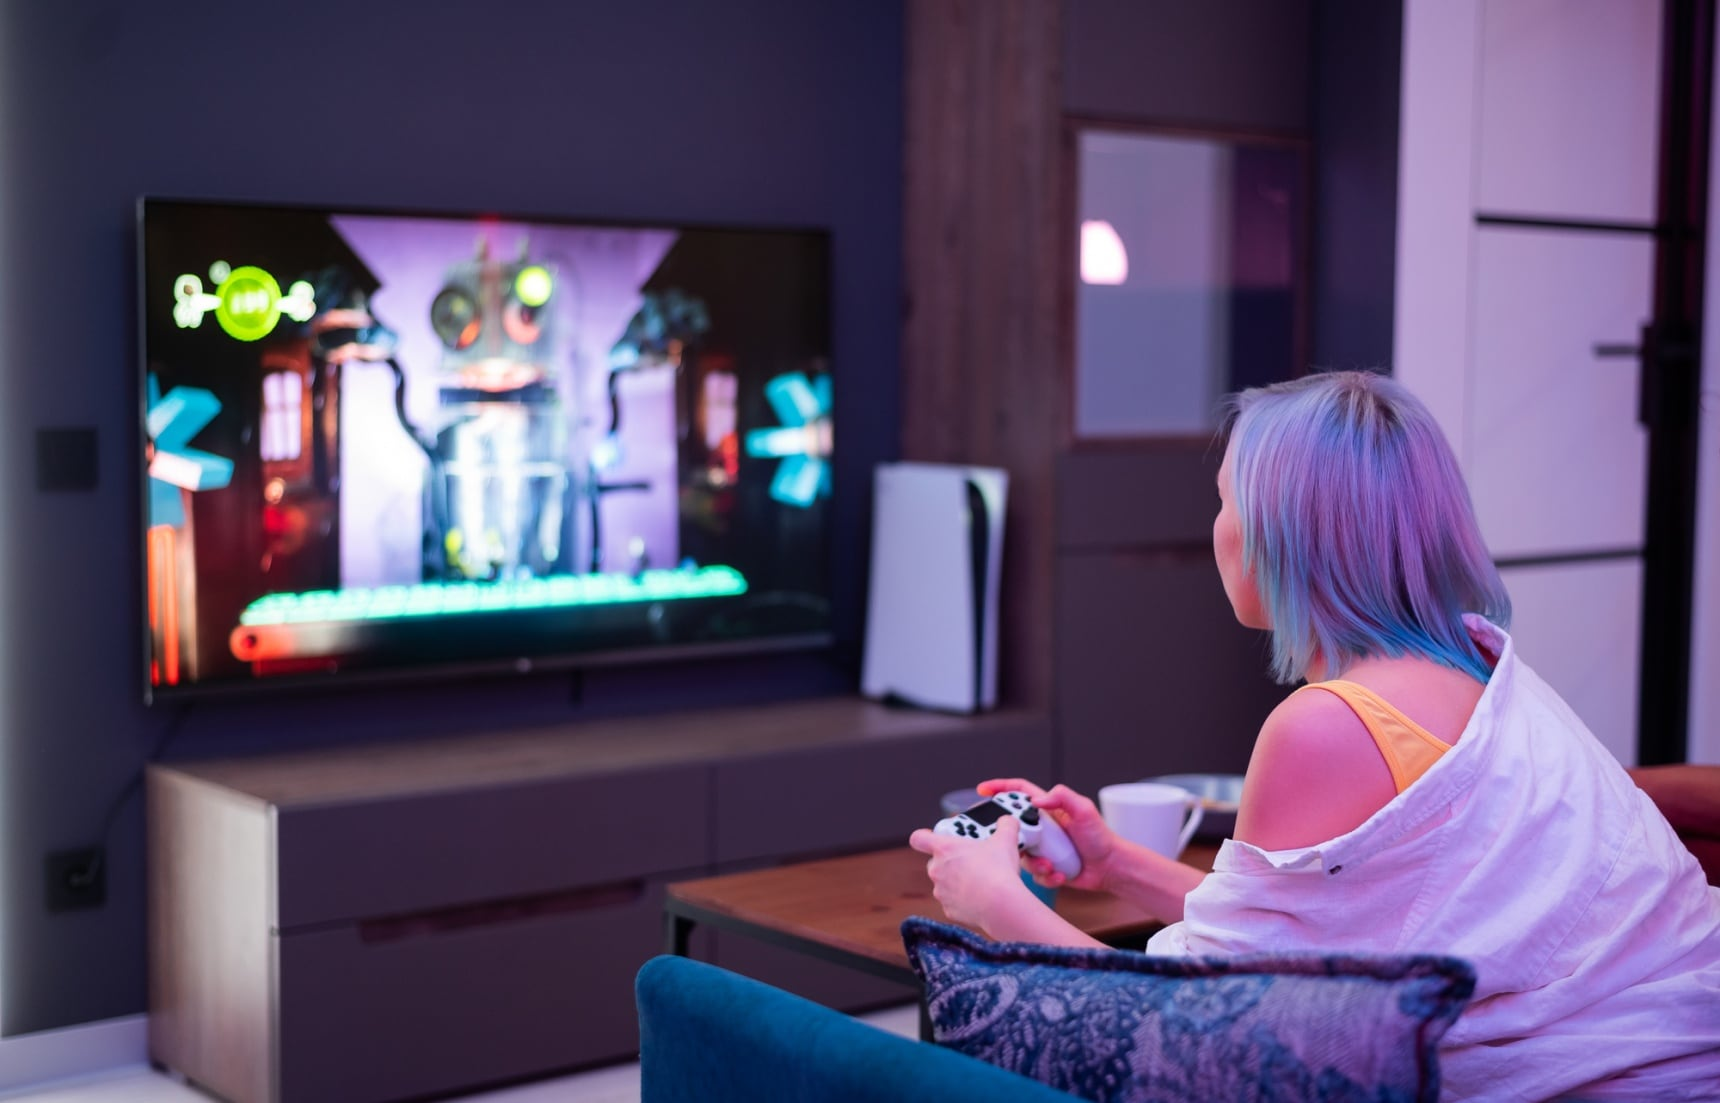 酷玩日本:日本玩家倾情推荐!2021最新PS4游戏——超绝新作、经典神作统统不放过!